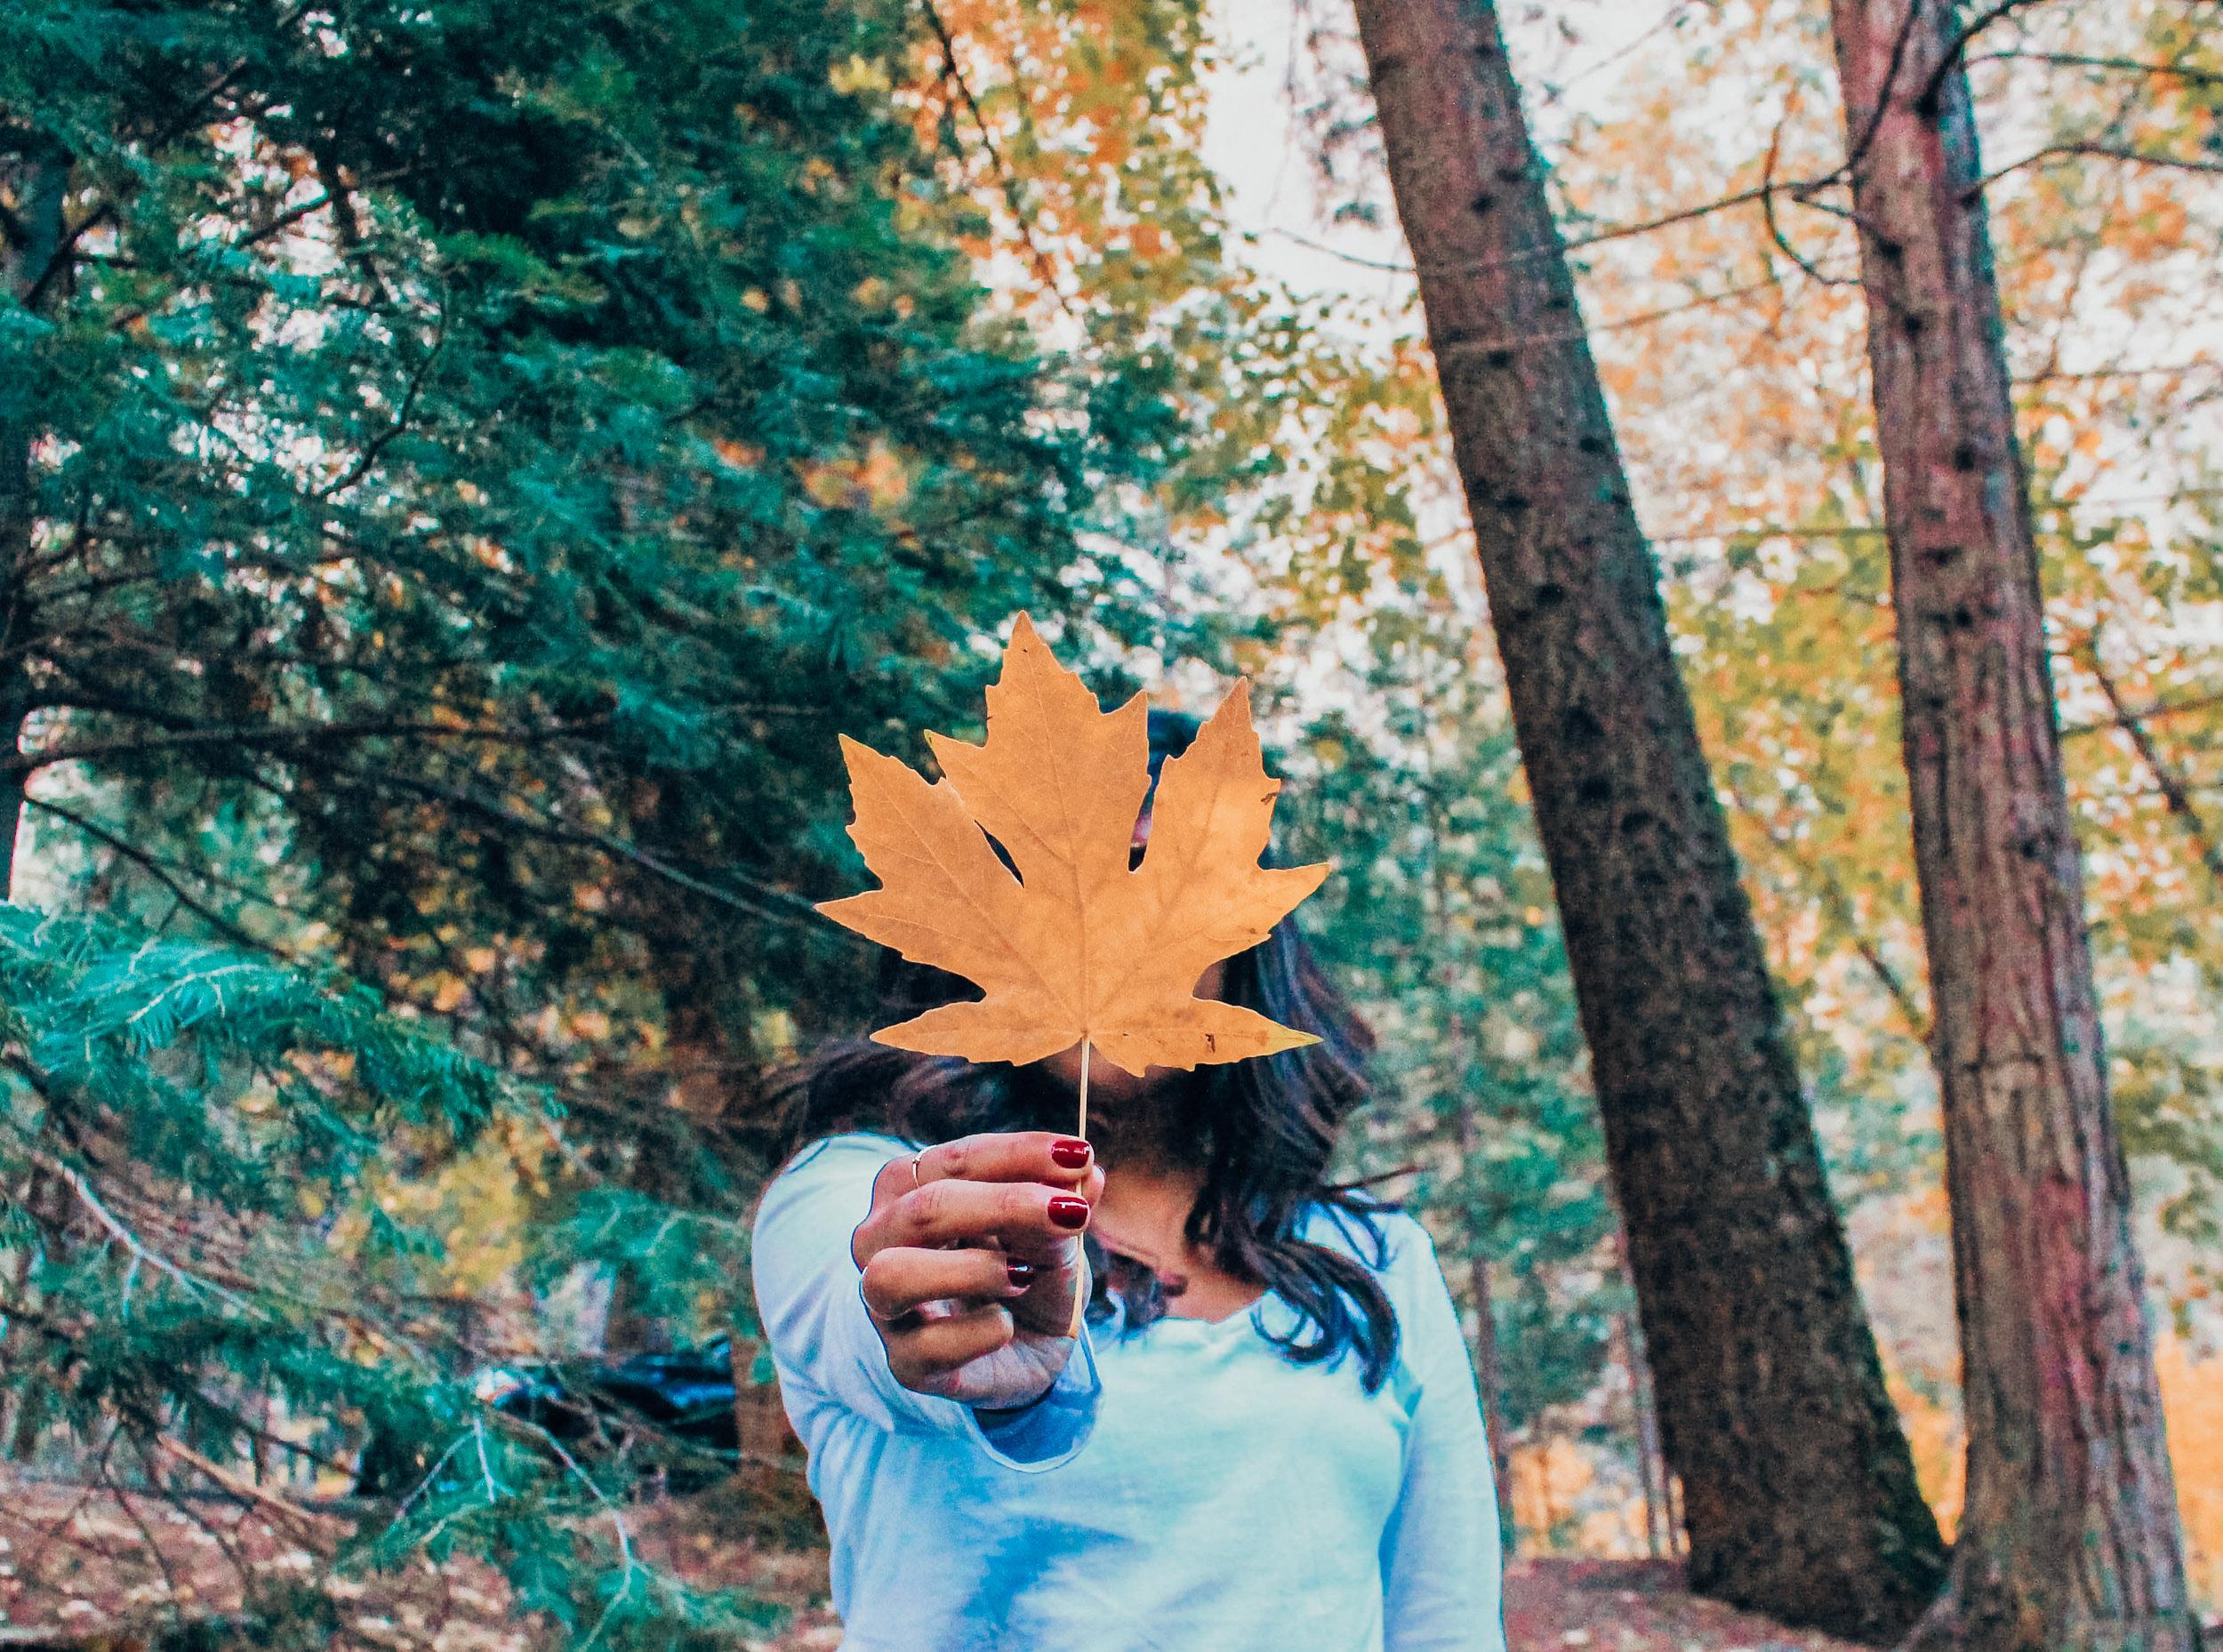 fall leaf in yosemite in autumn